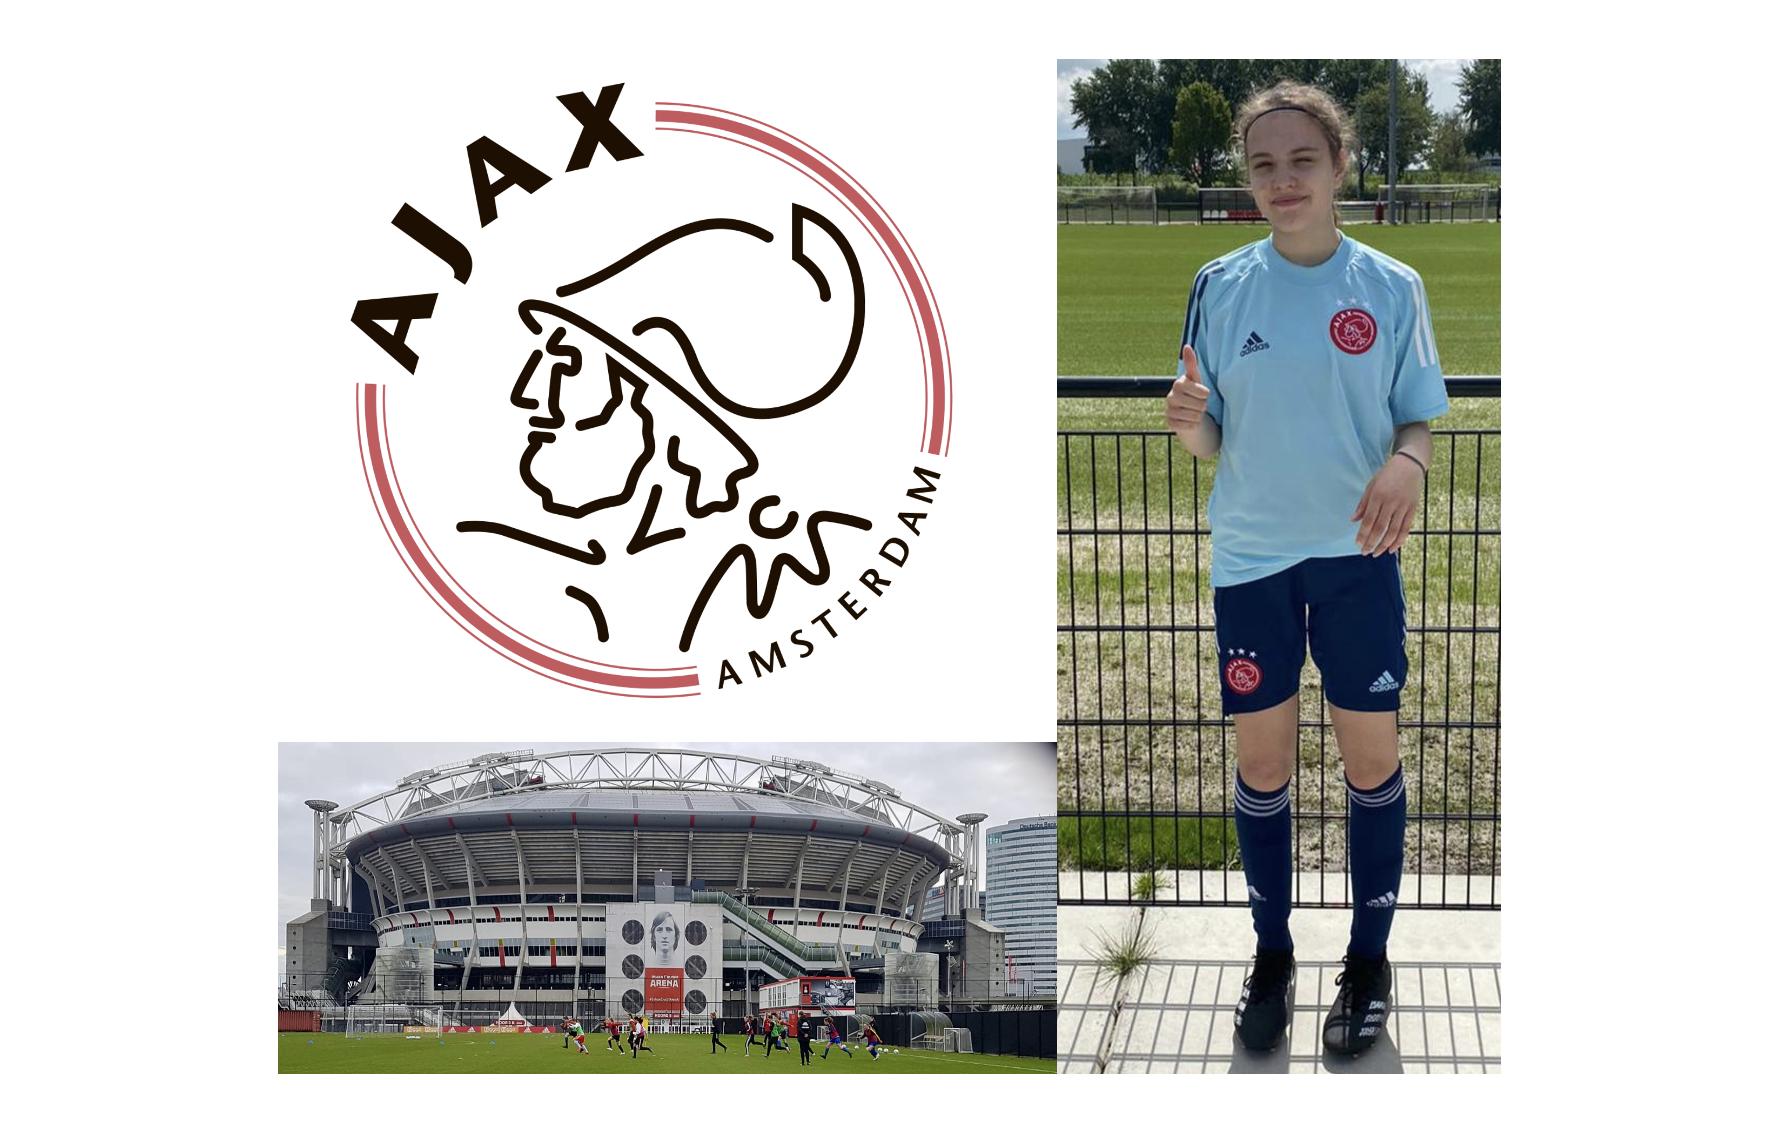 Transfernieuws: Lotte (JO15) naar Ajax Vrouwen Talententeam